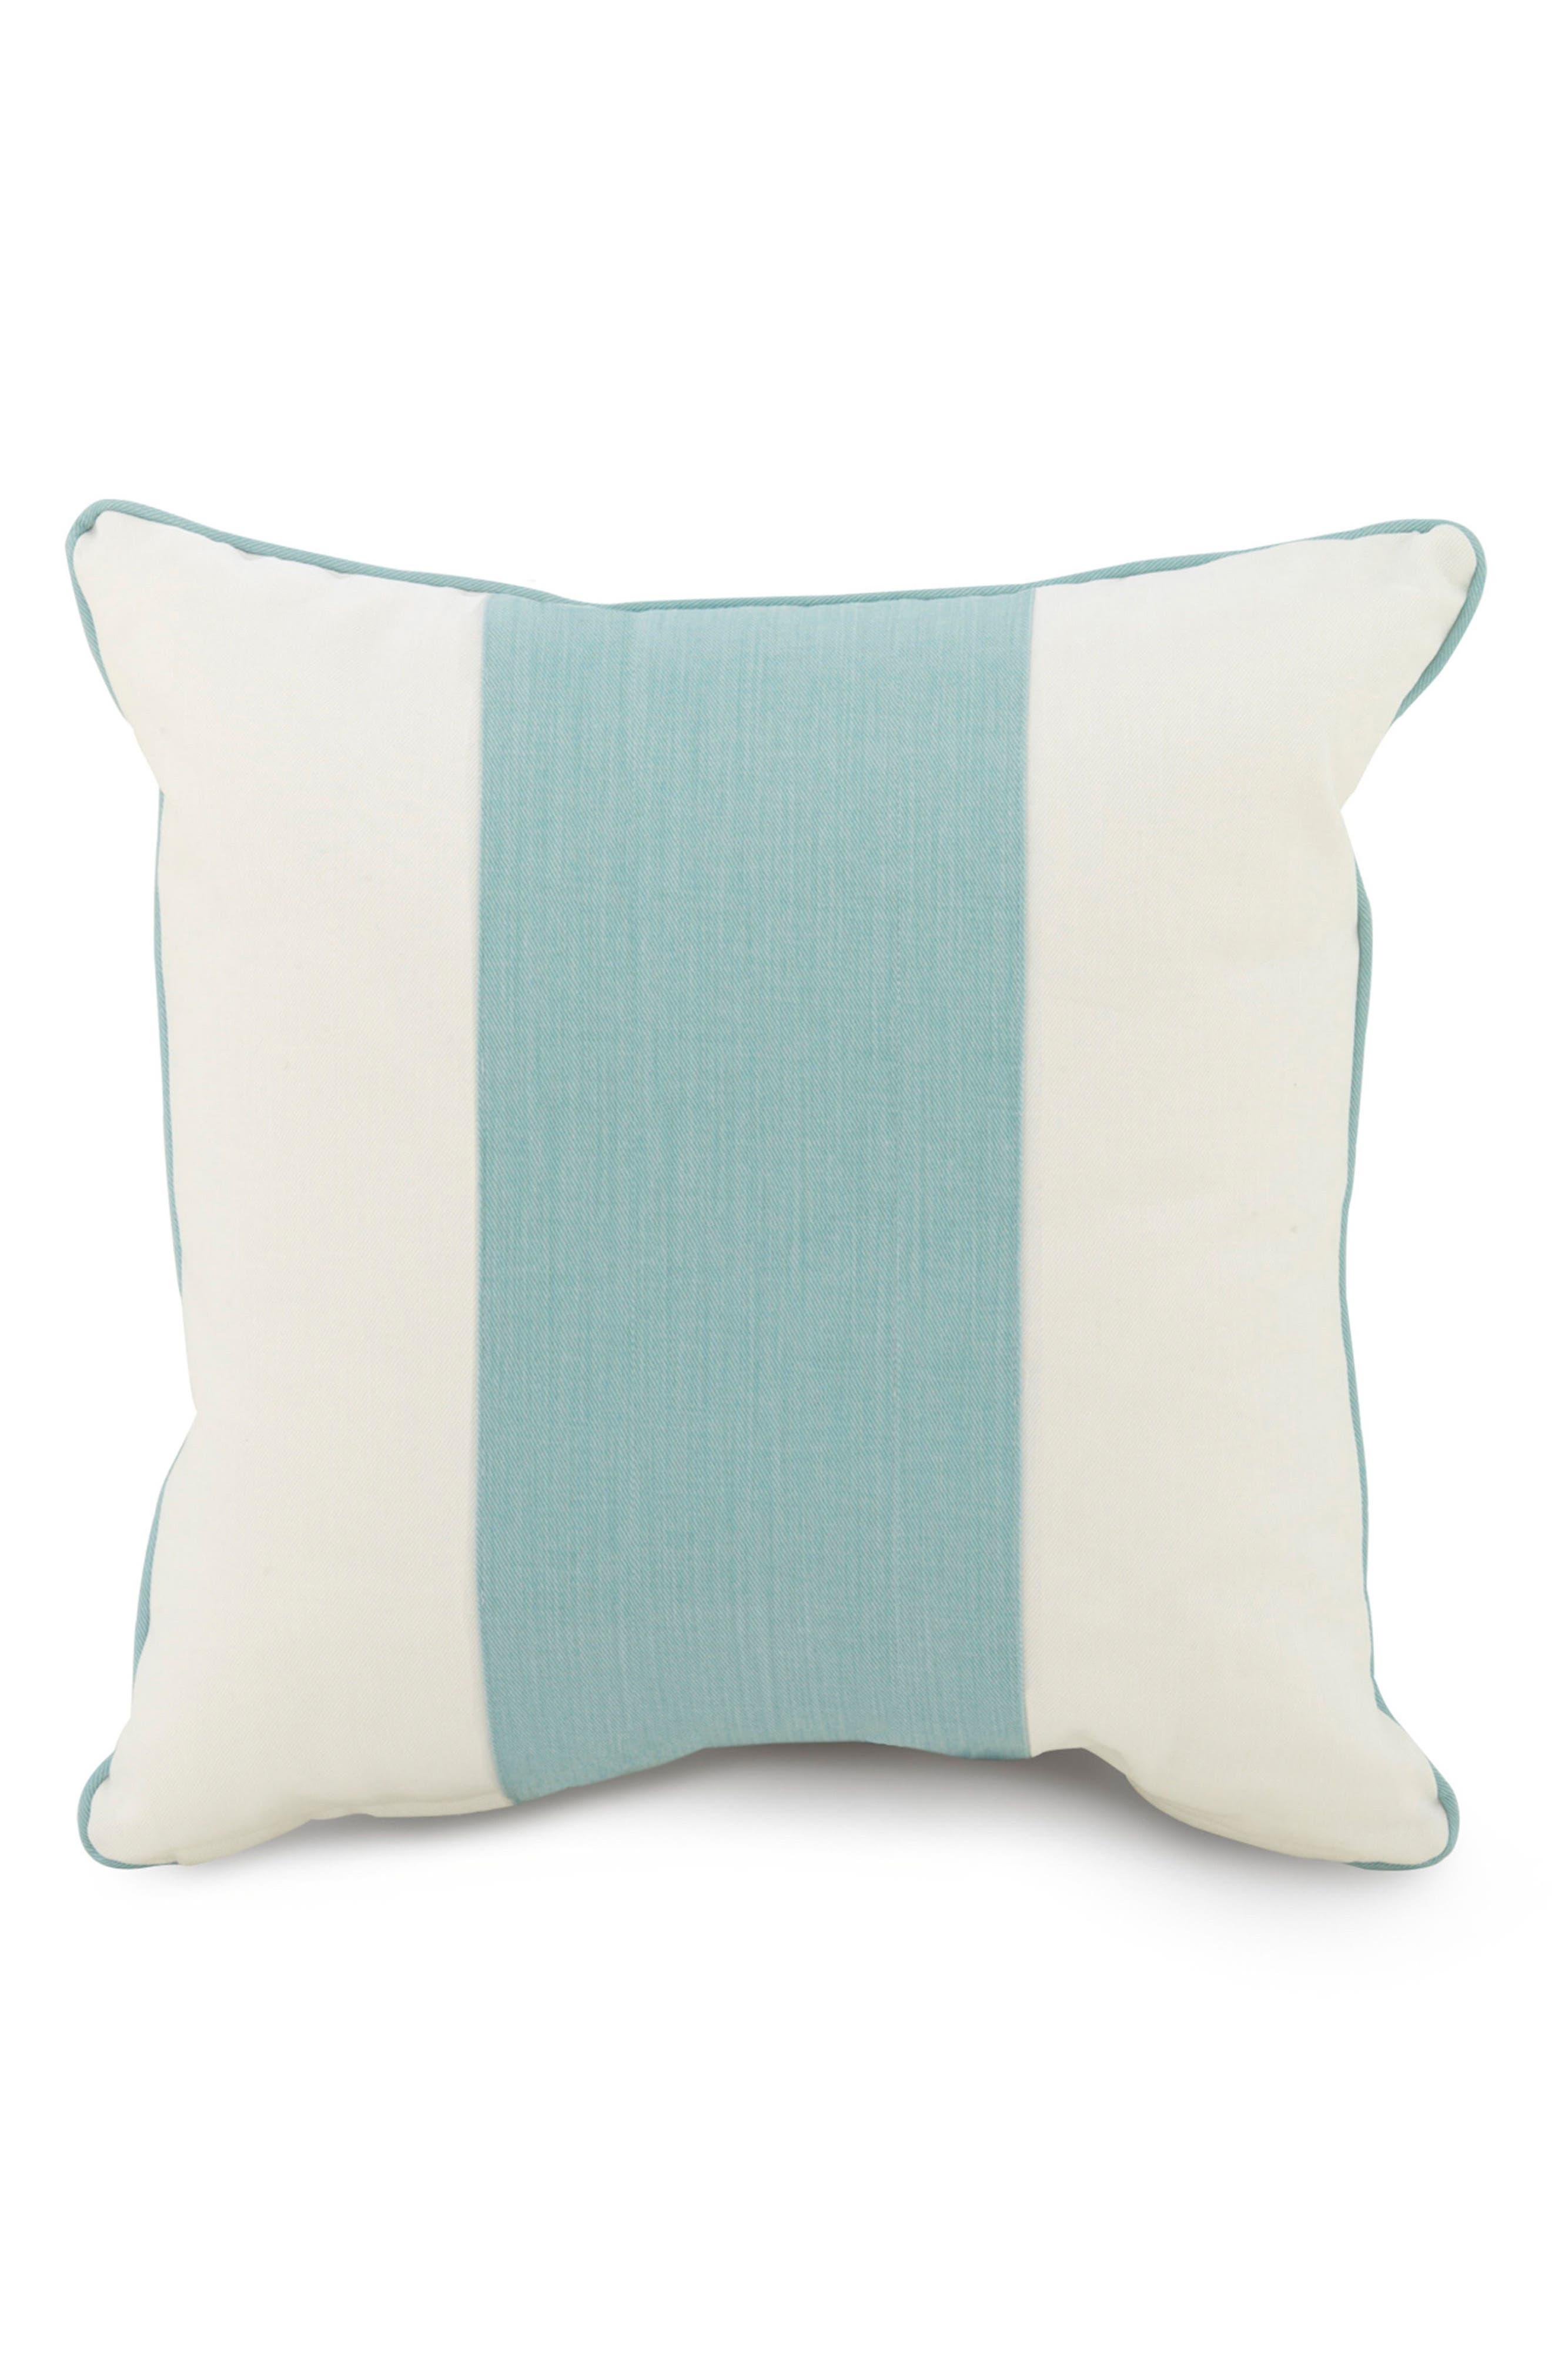 Oilo 'Band' Square Pillow